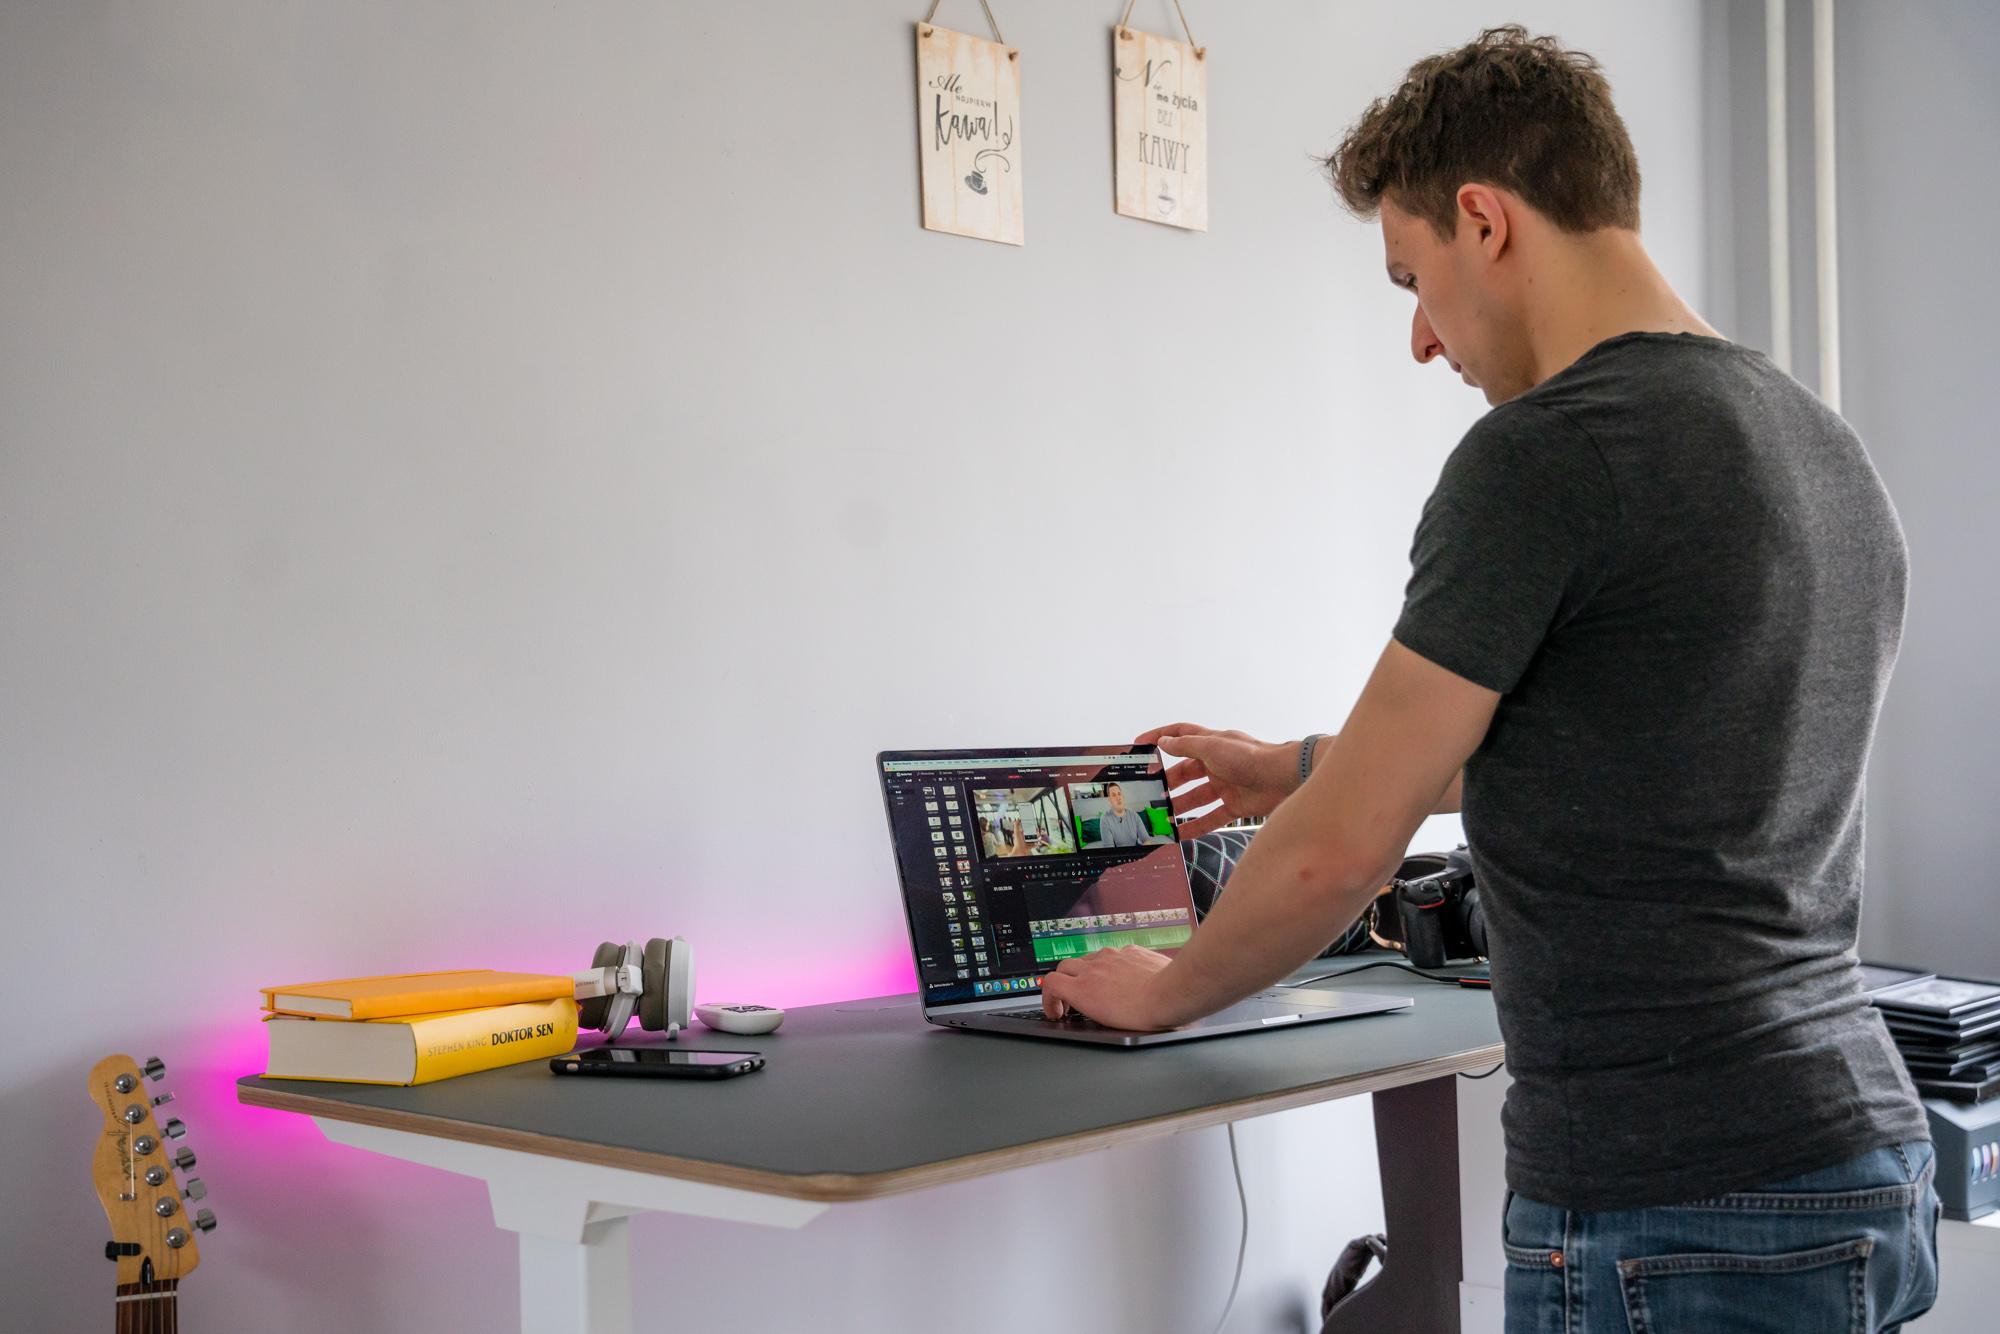 Biurko Deskwise - opinie